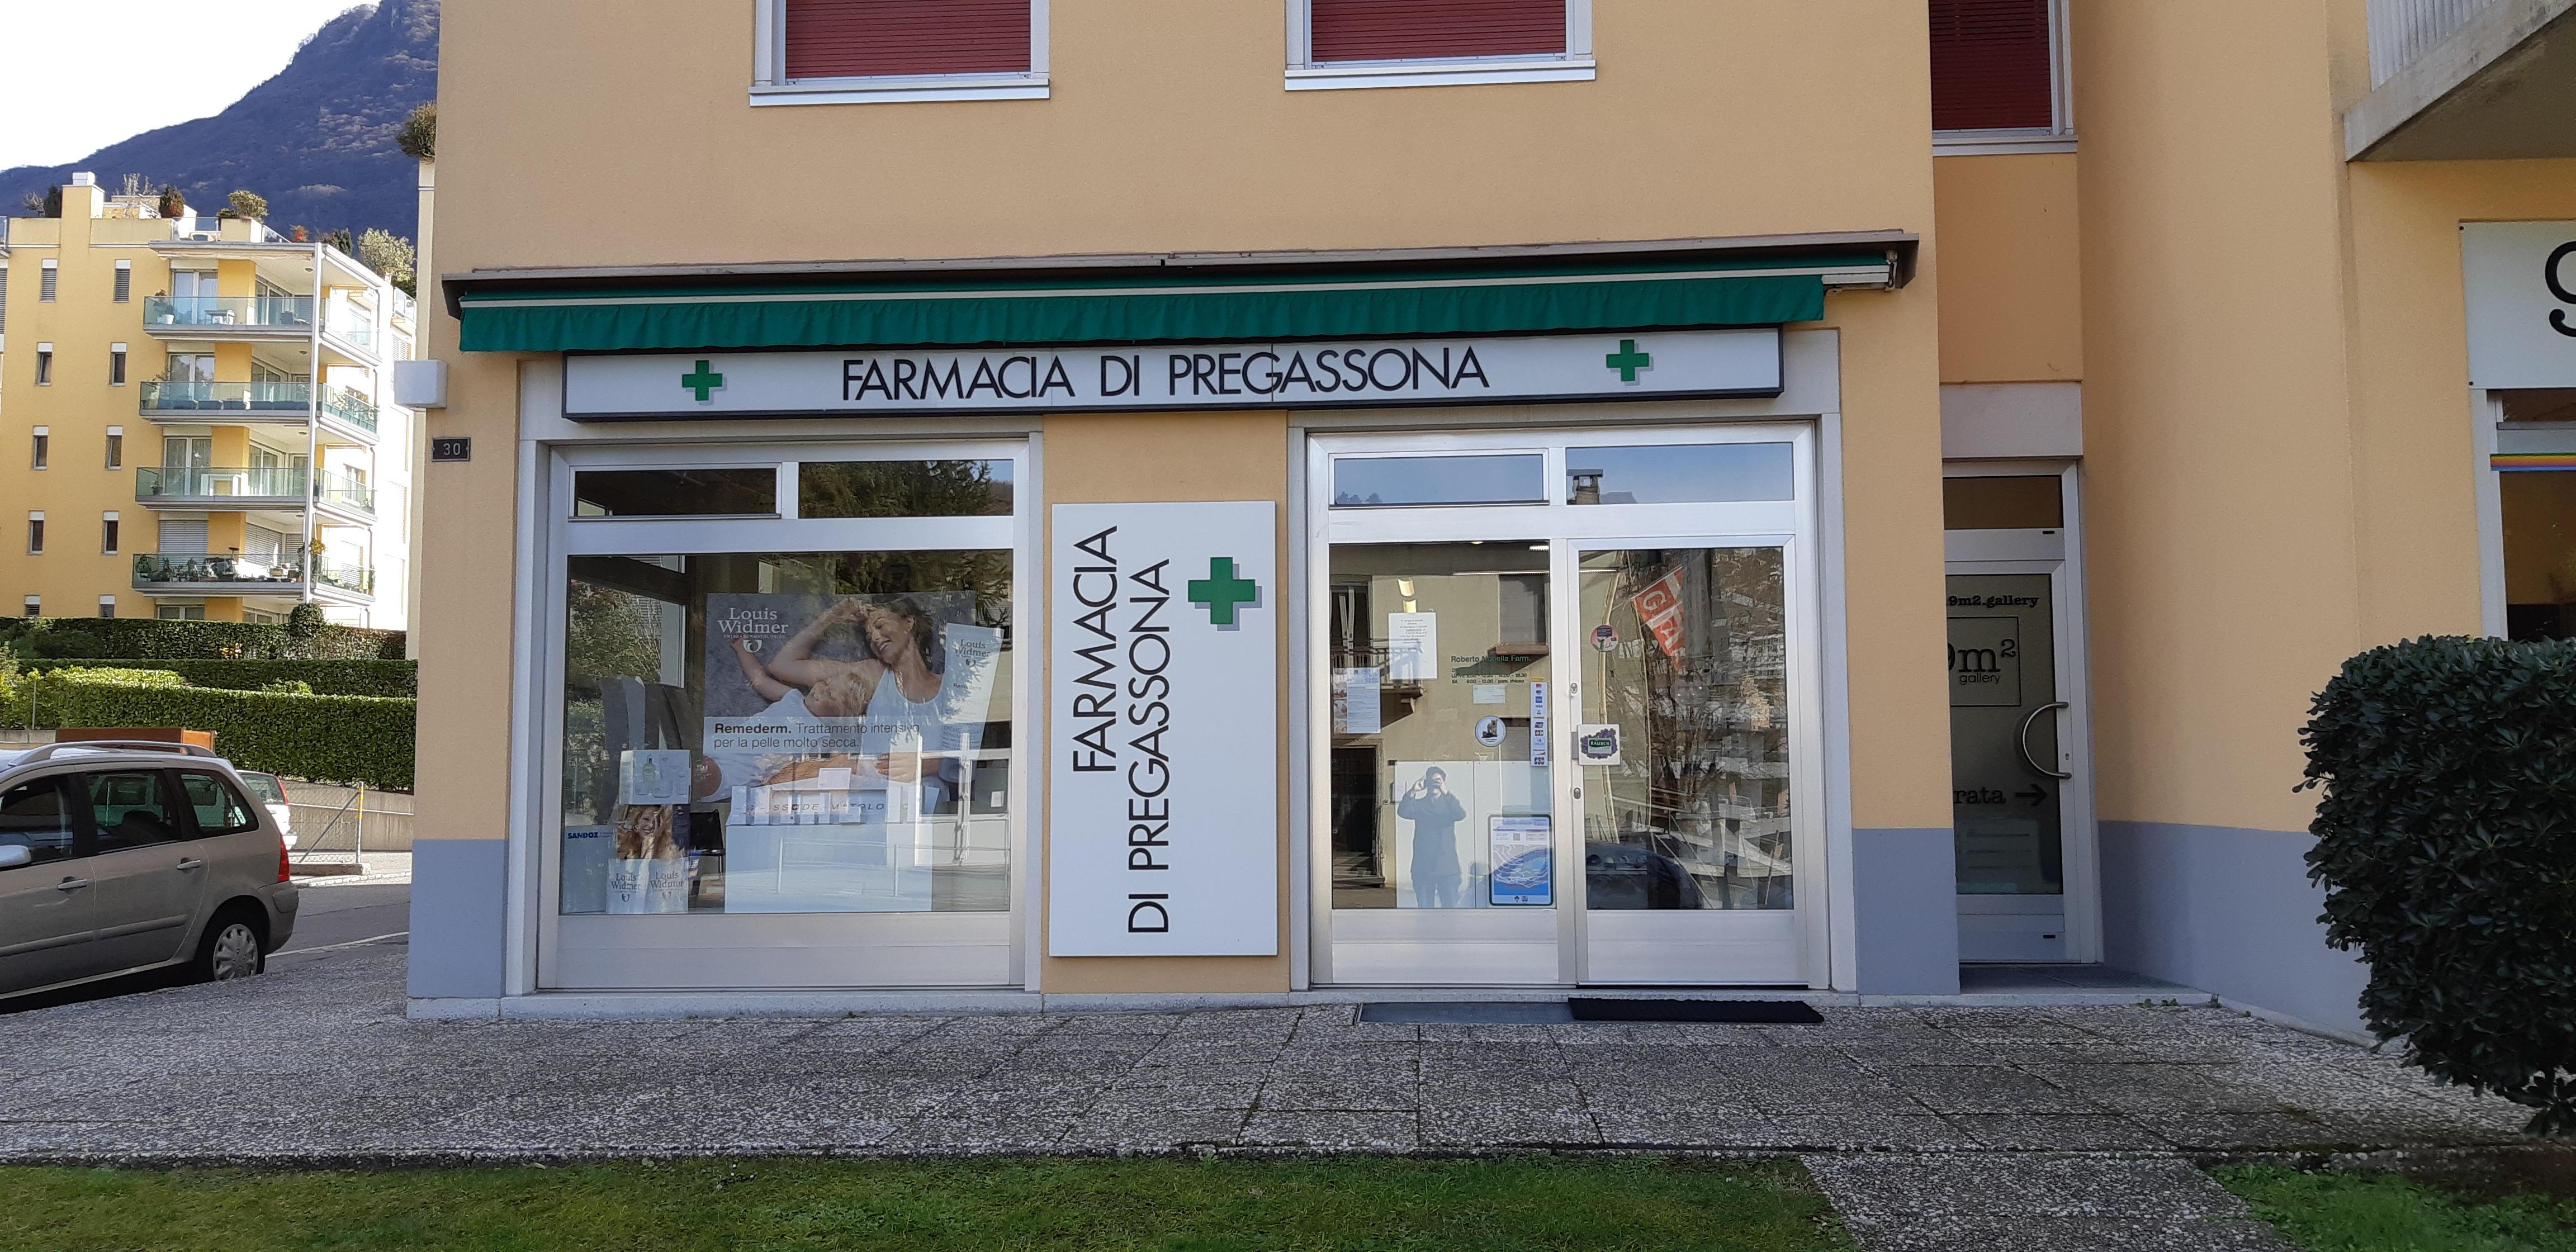 Farmacia di Pregassona